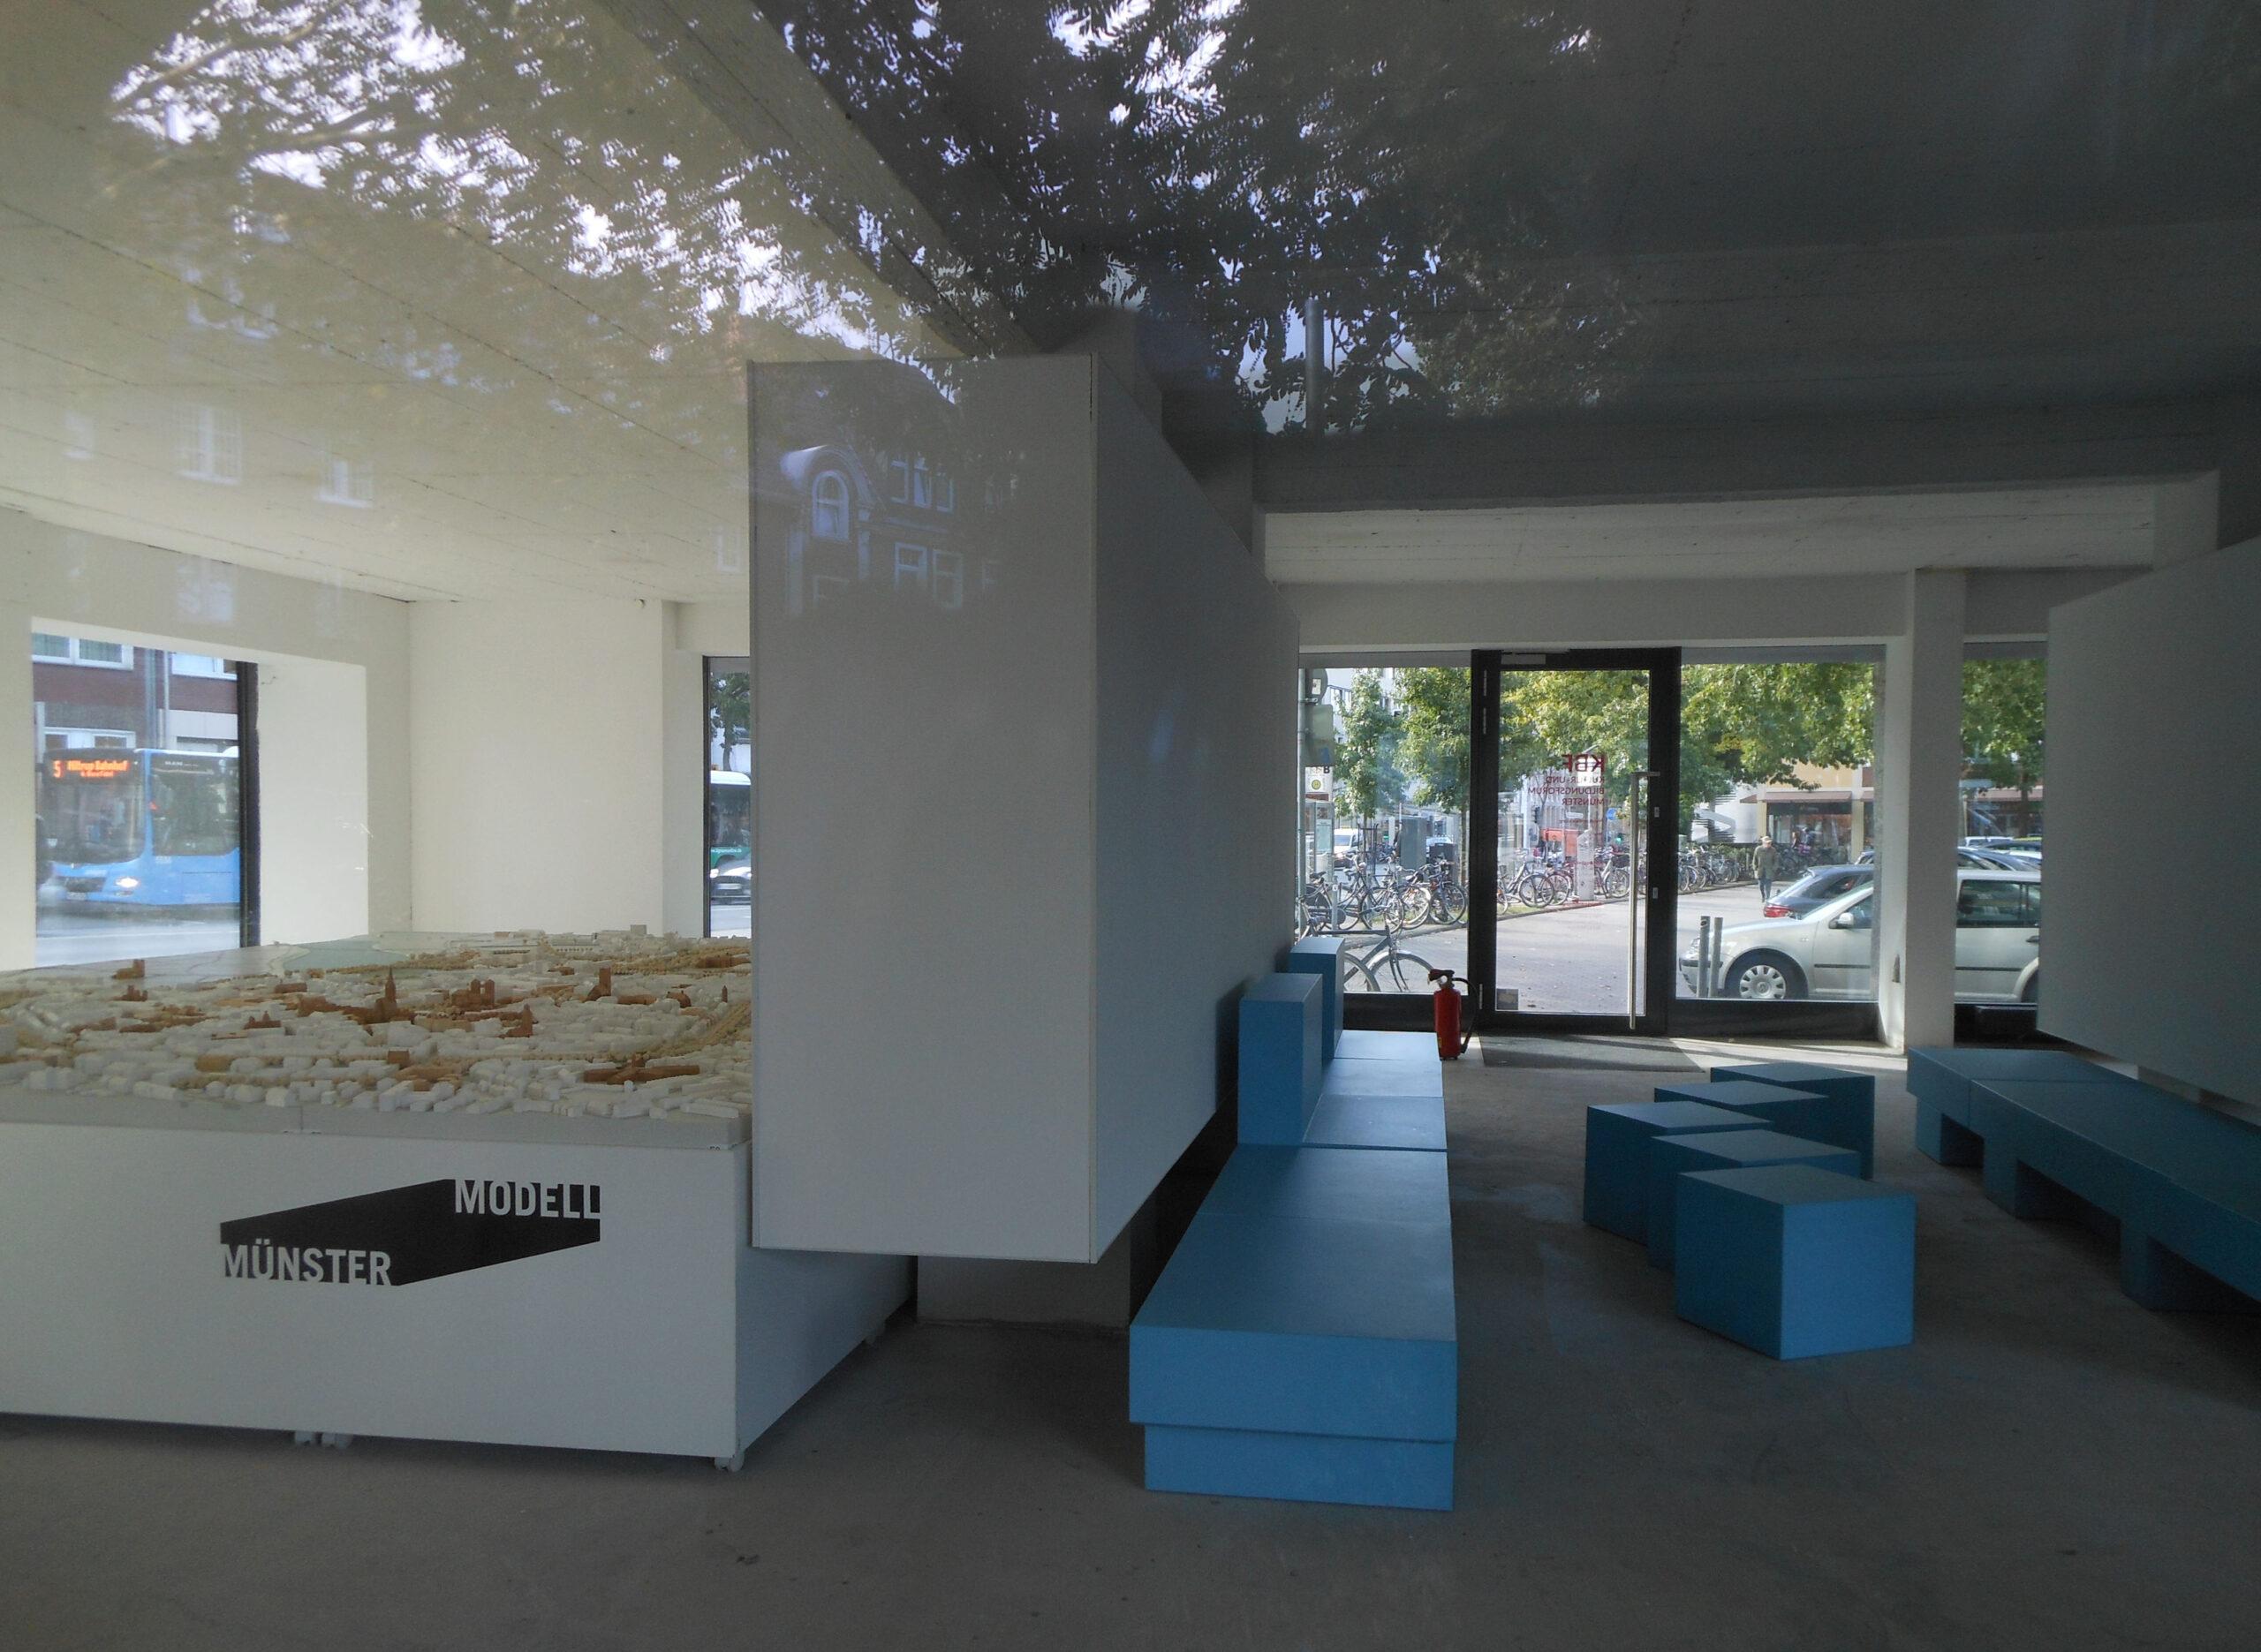 Münster Modell: Ausstellung Nr. 23 - Hochhaus am Bült, 2018 - Foto: Stefan Rethfeld